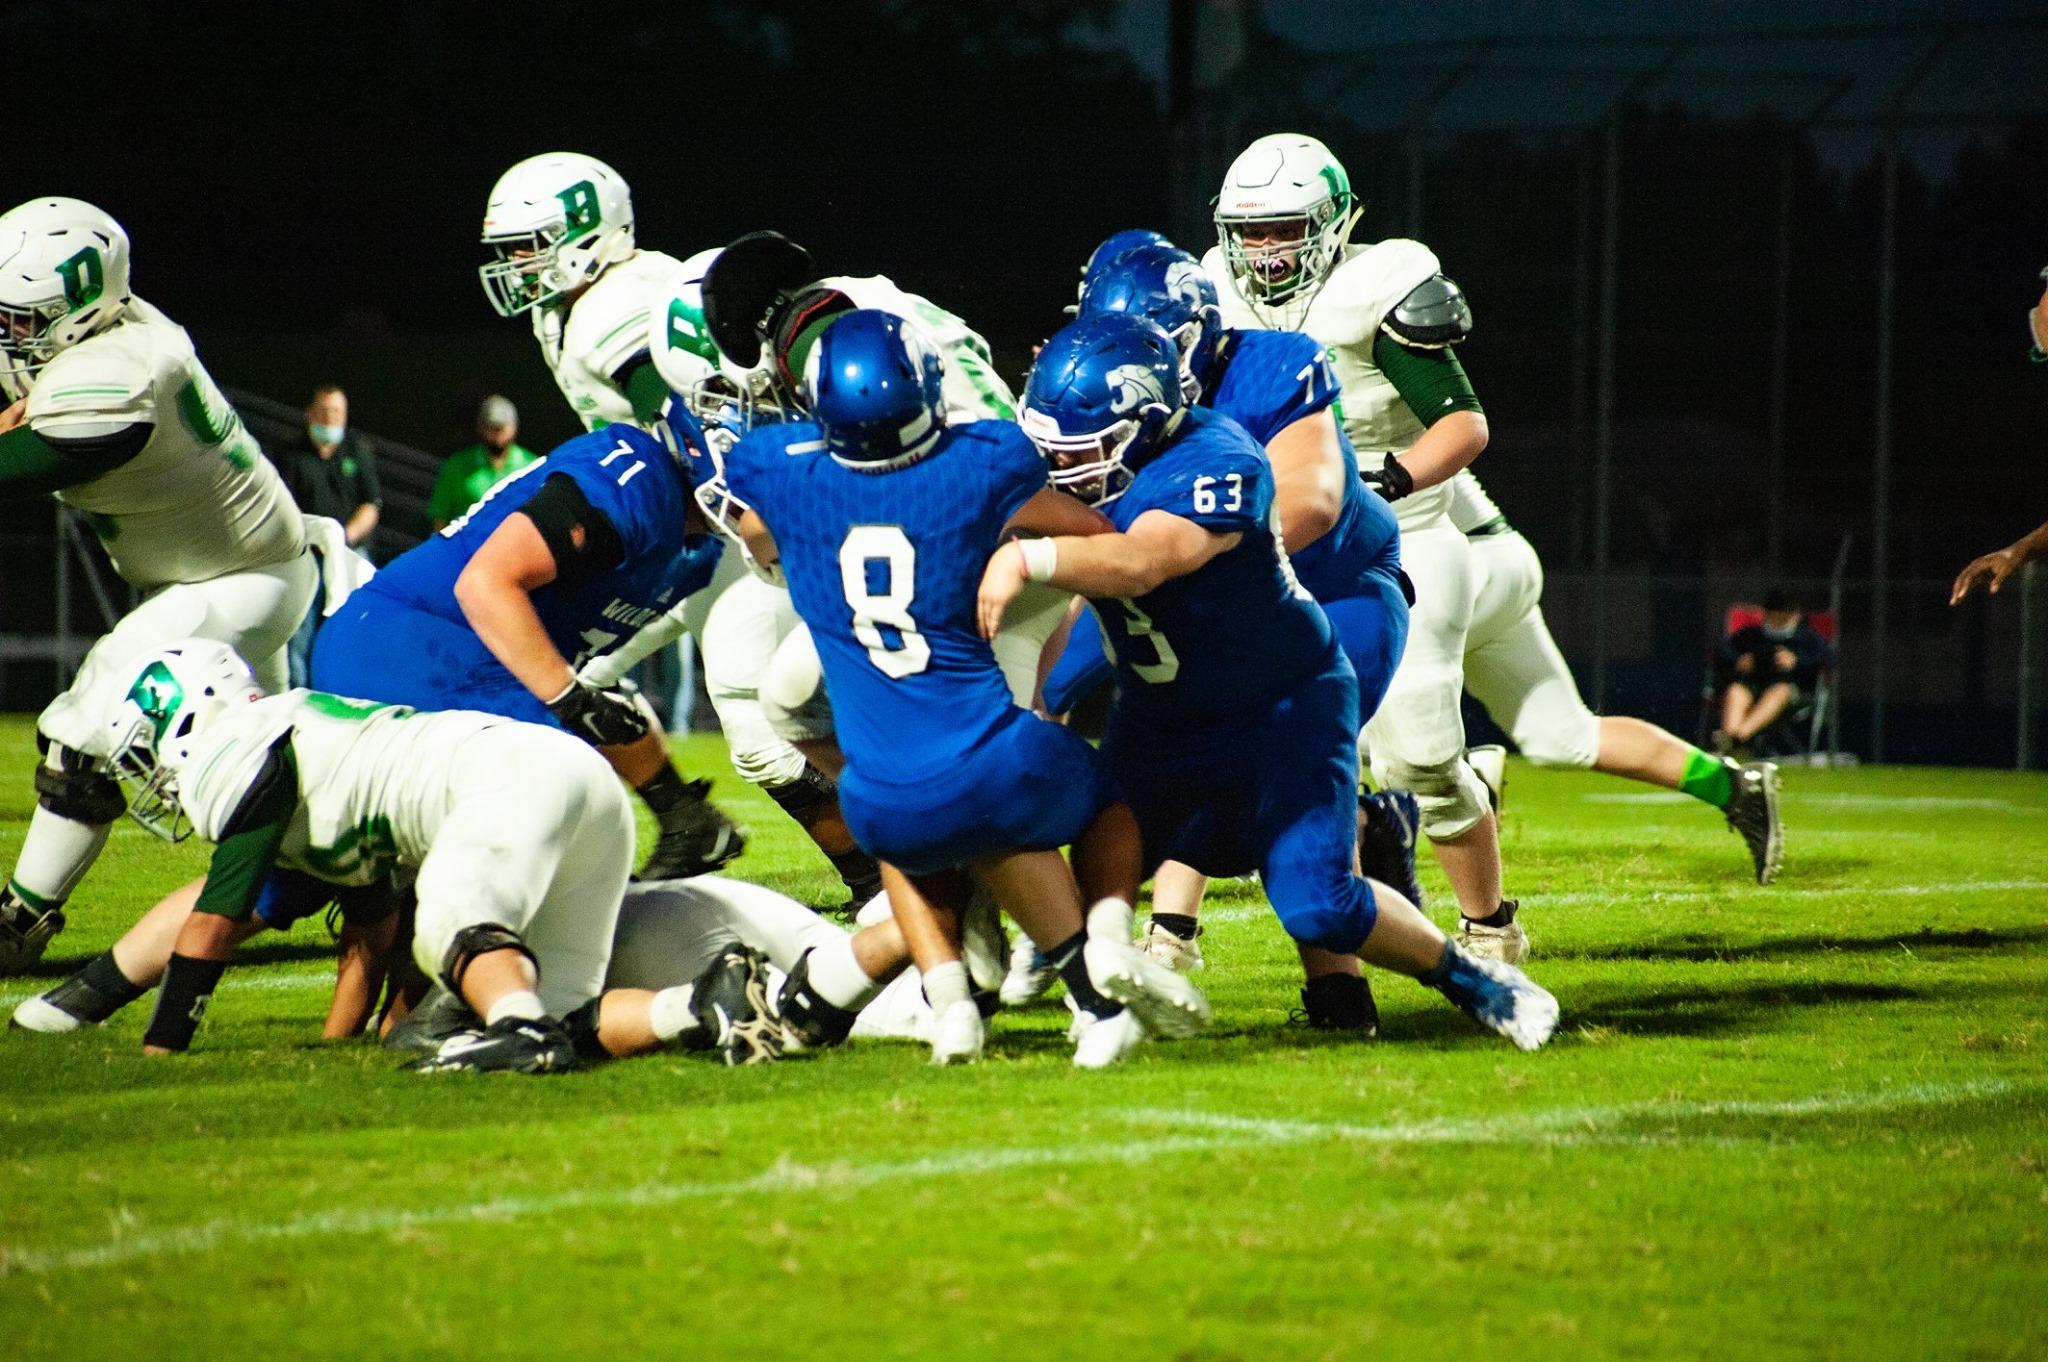 Harrison tackle